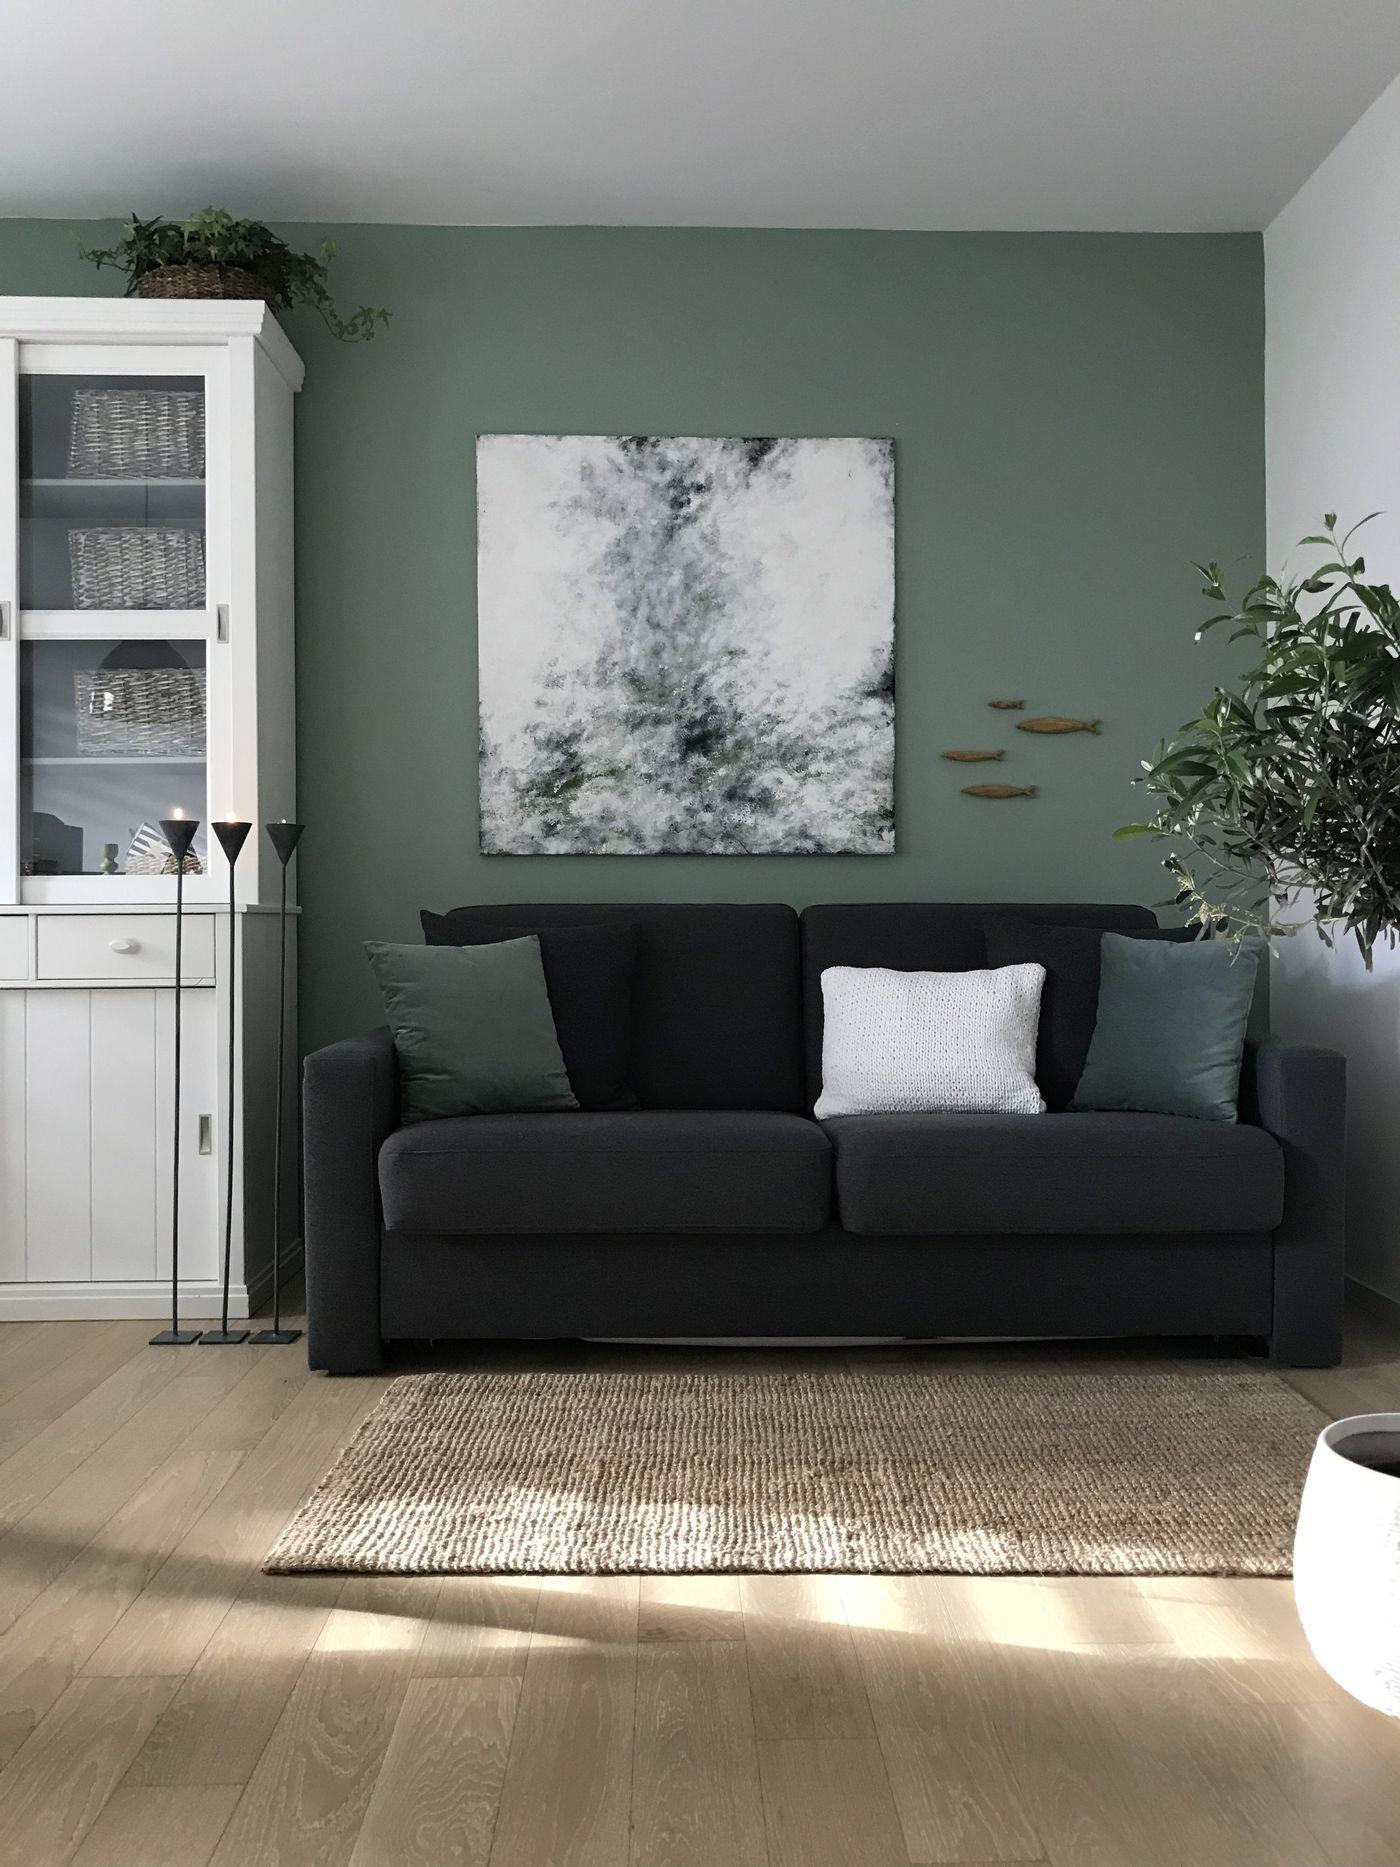 8 Nice Galerie Von Wohnzimmer Deko Flieder  Wandfarbe grün